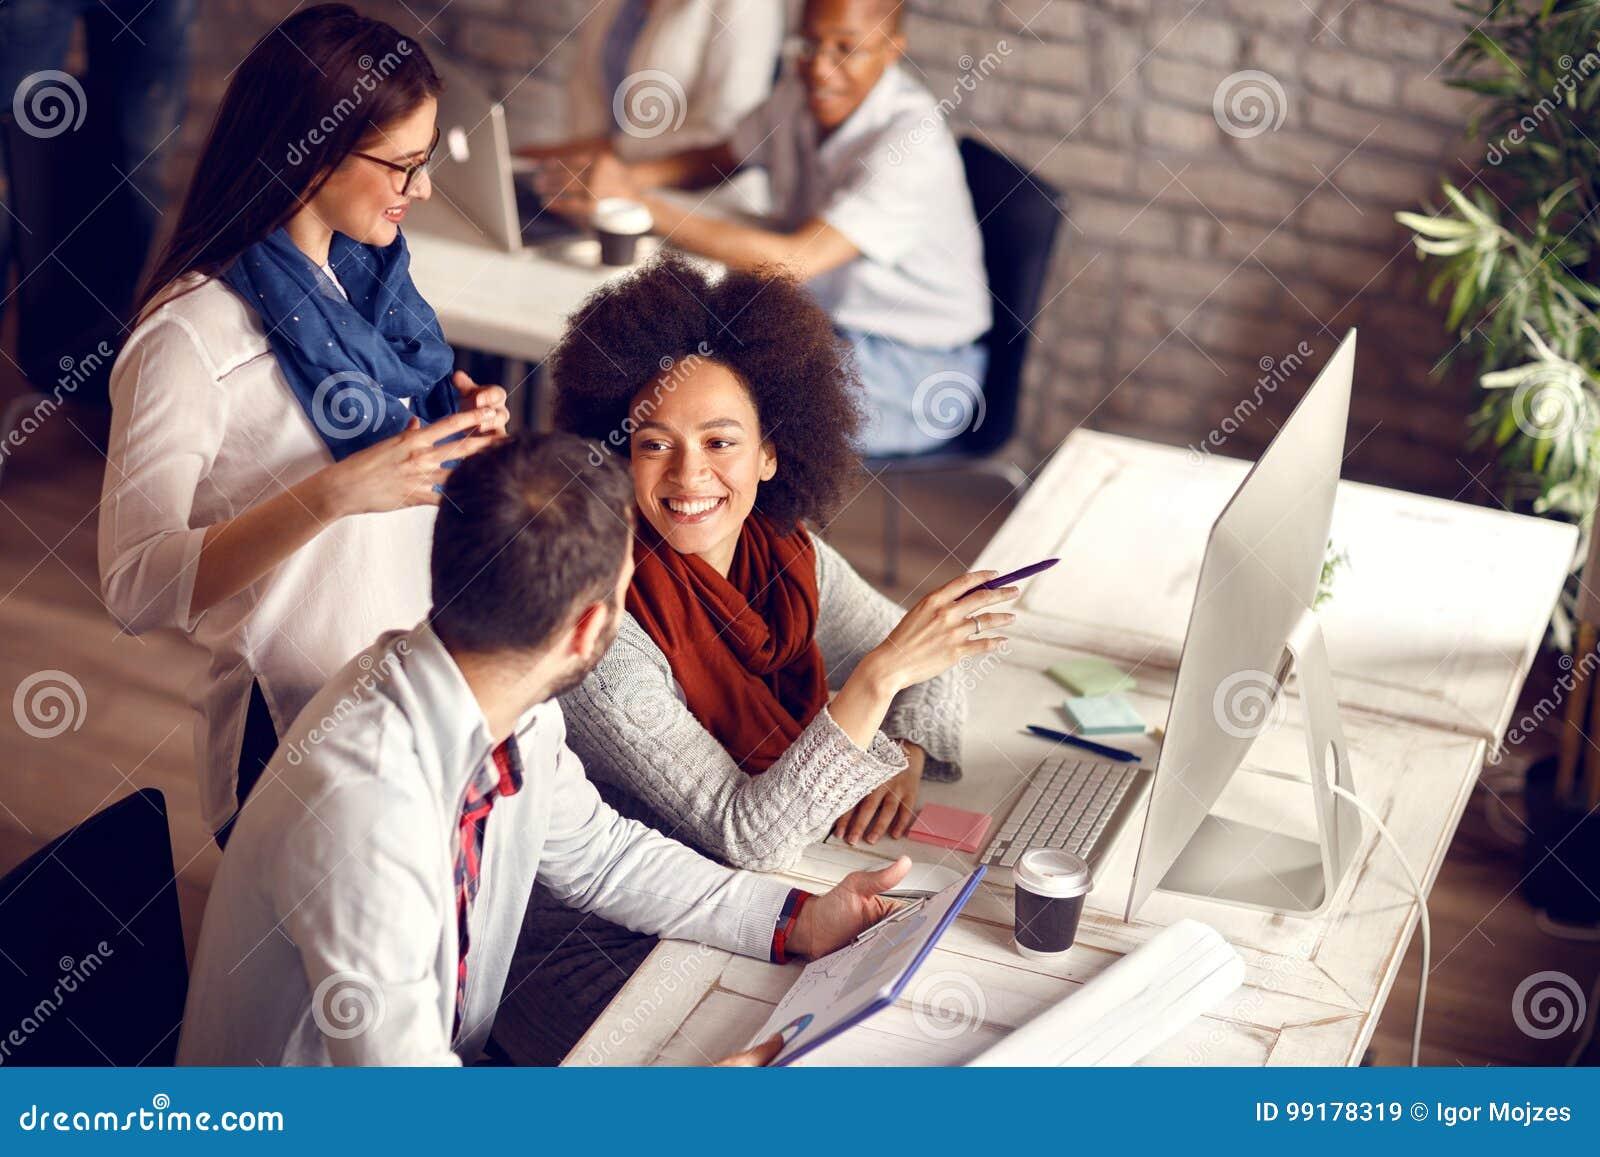 Junge Angestellte im Büro